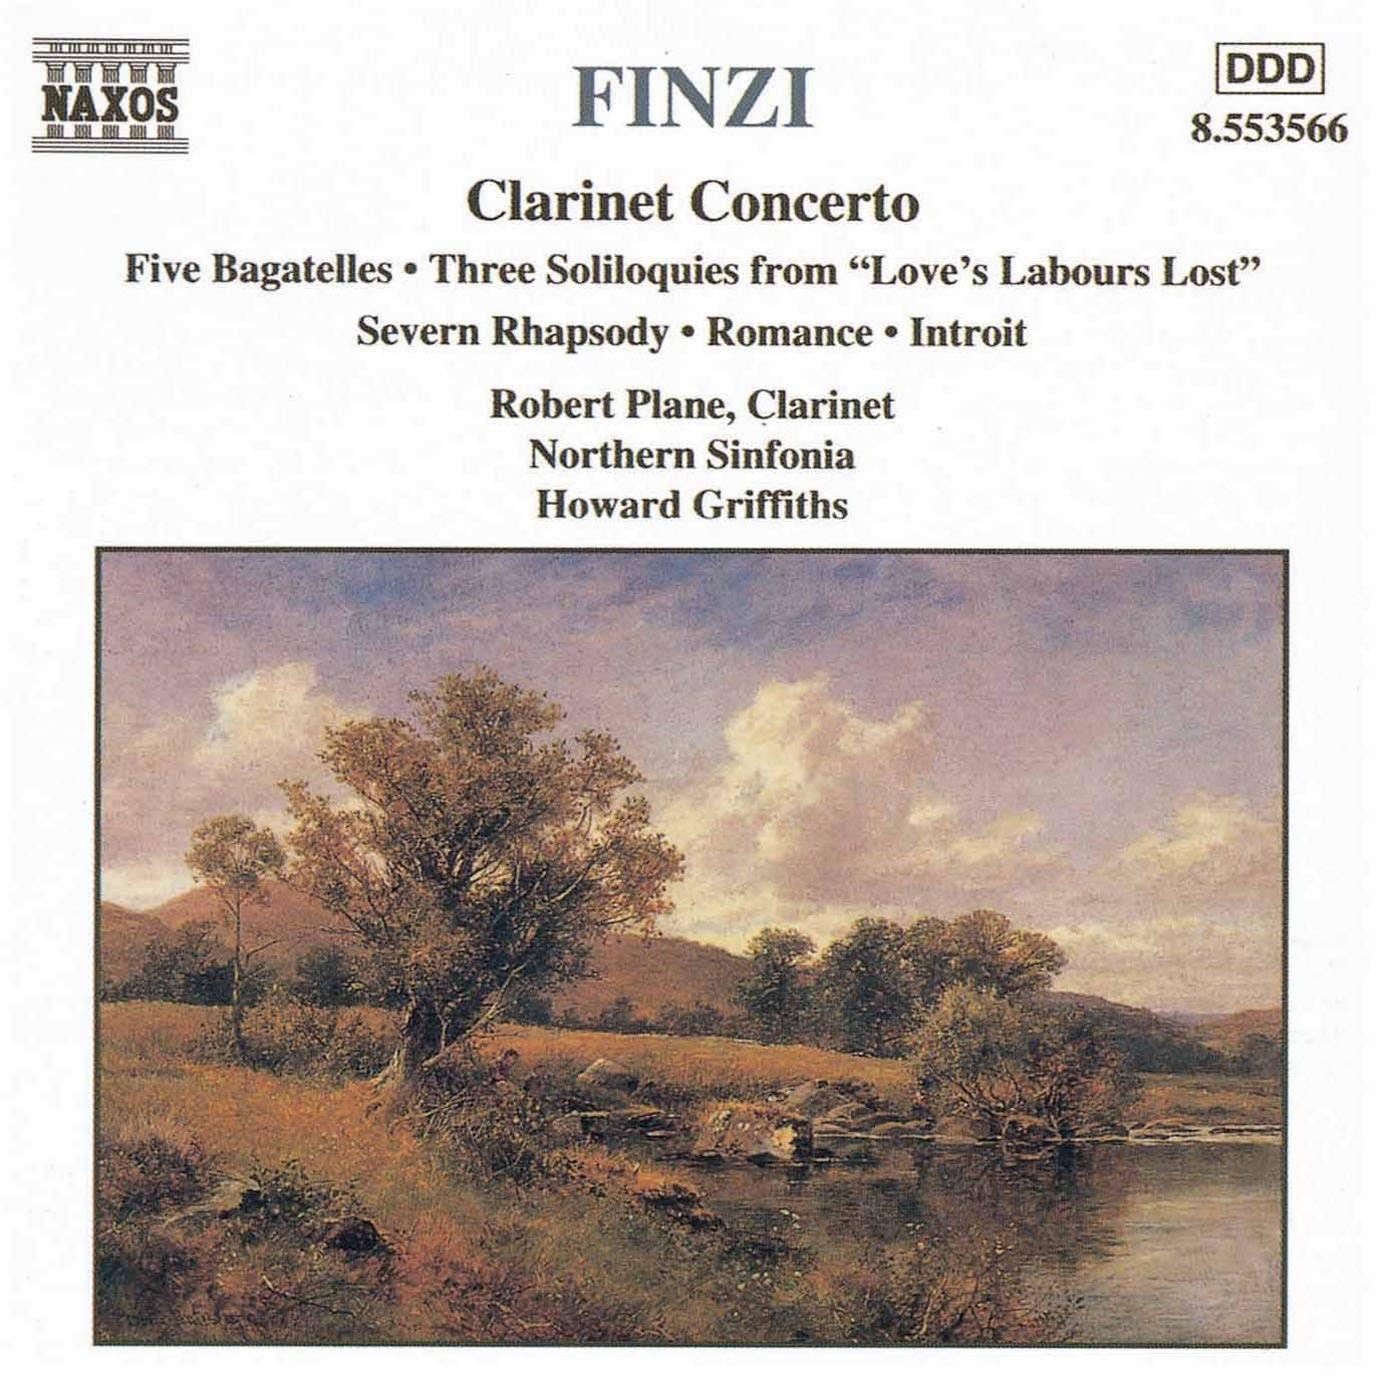 Gerald Finzi - Clarinet Concerto: II. Adagio, ma senza rigore